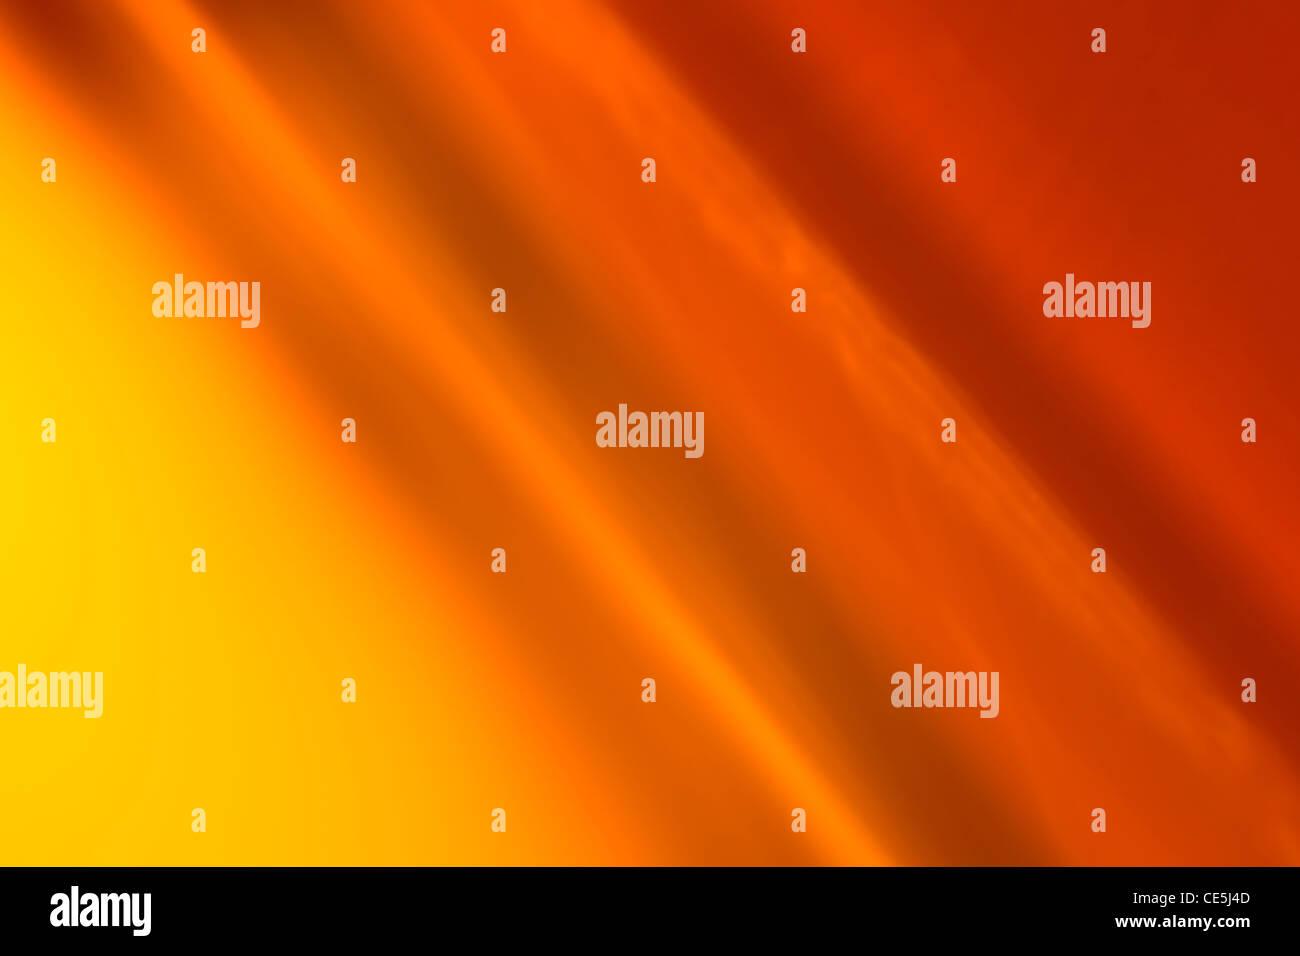 Abstrakte Hintergrundmuster Stockbild